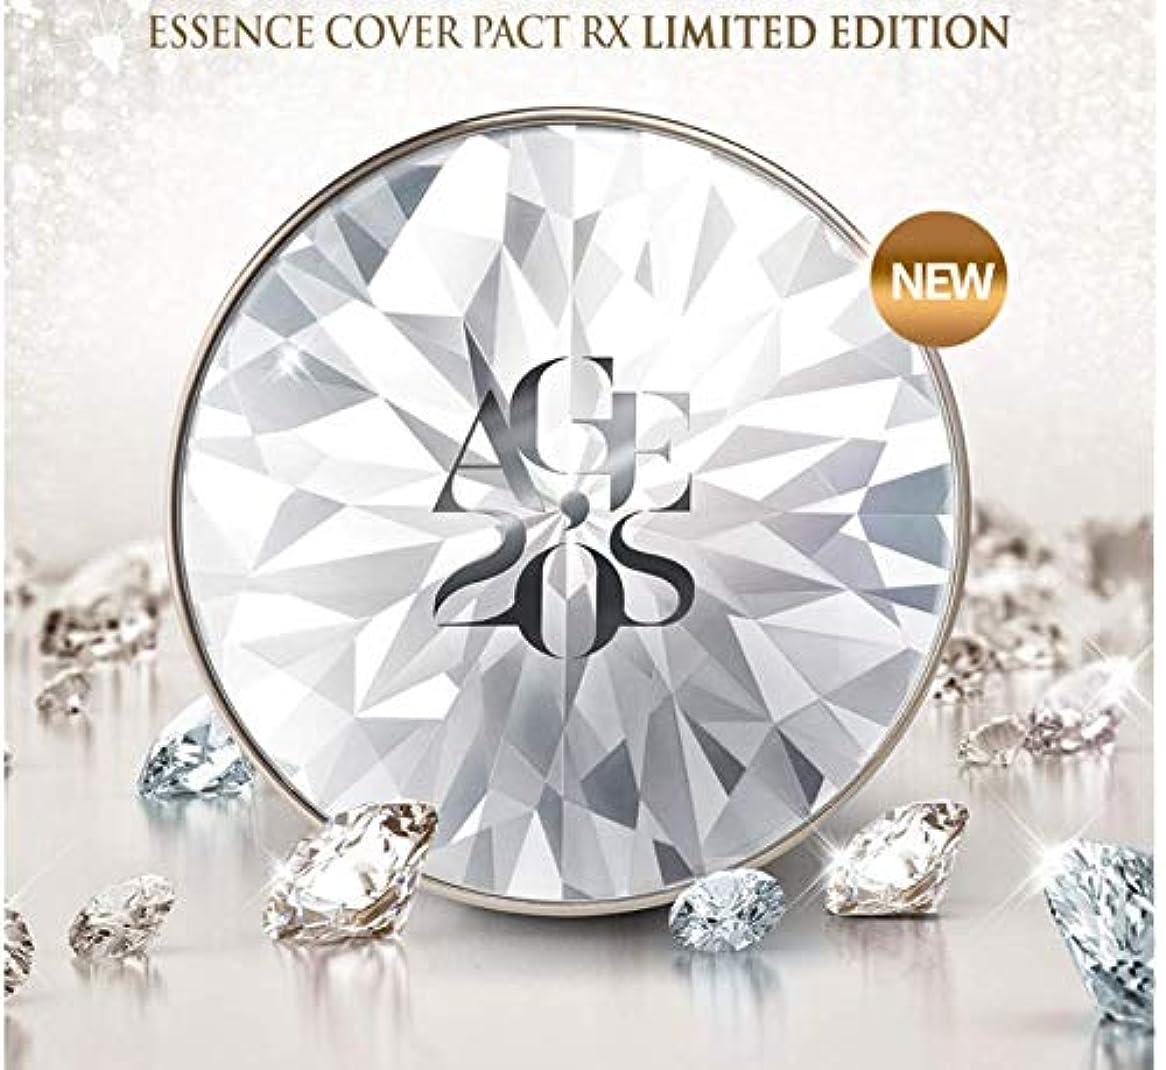 かまどリネン司書AGE20'sシーズン10 エッセンスカバーファクトRXリアルダイヤモンド版 23号 12.5g / SEASON10 ESSENCE COVER PACT RX LIMITED EDITION #23 [並行輸入品]